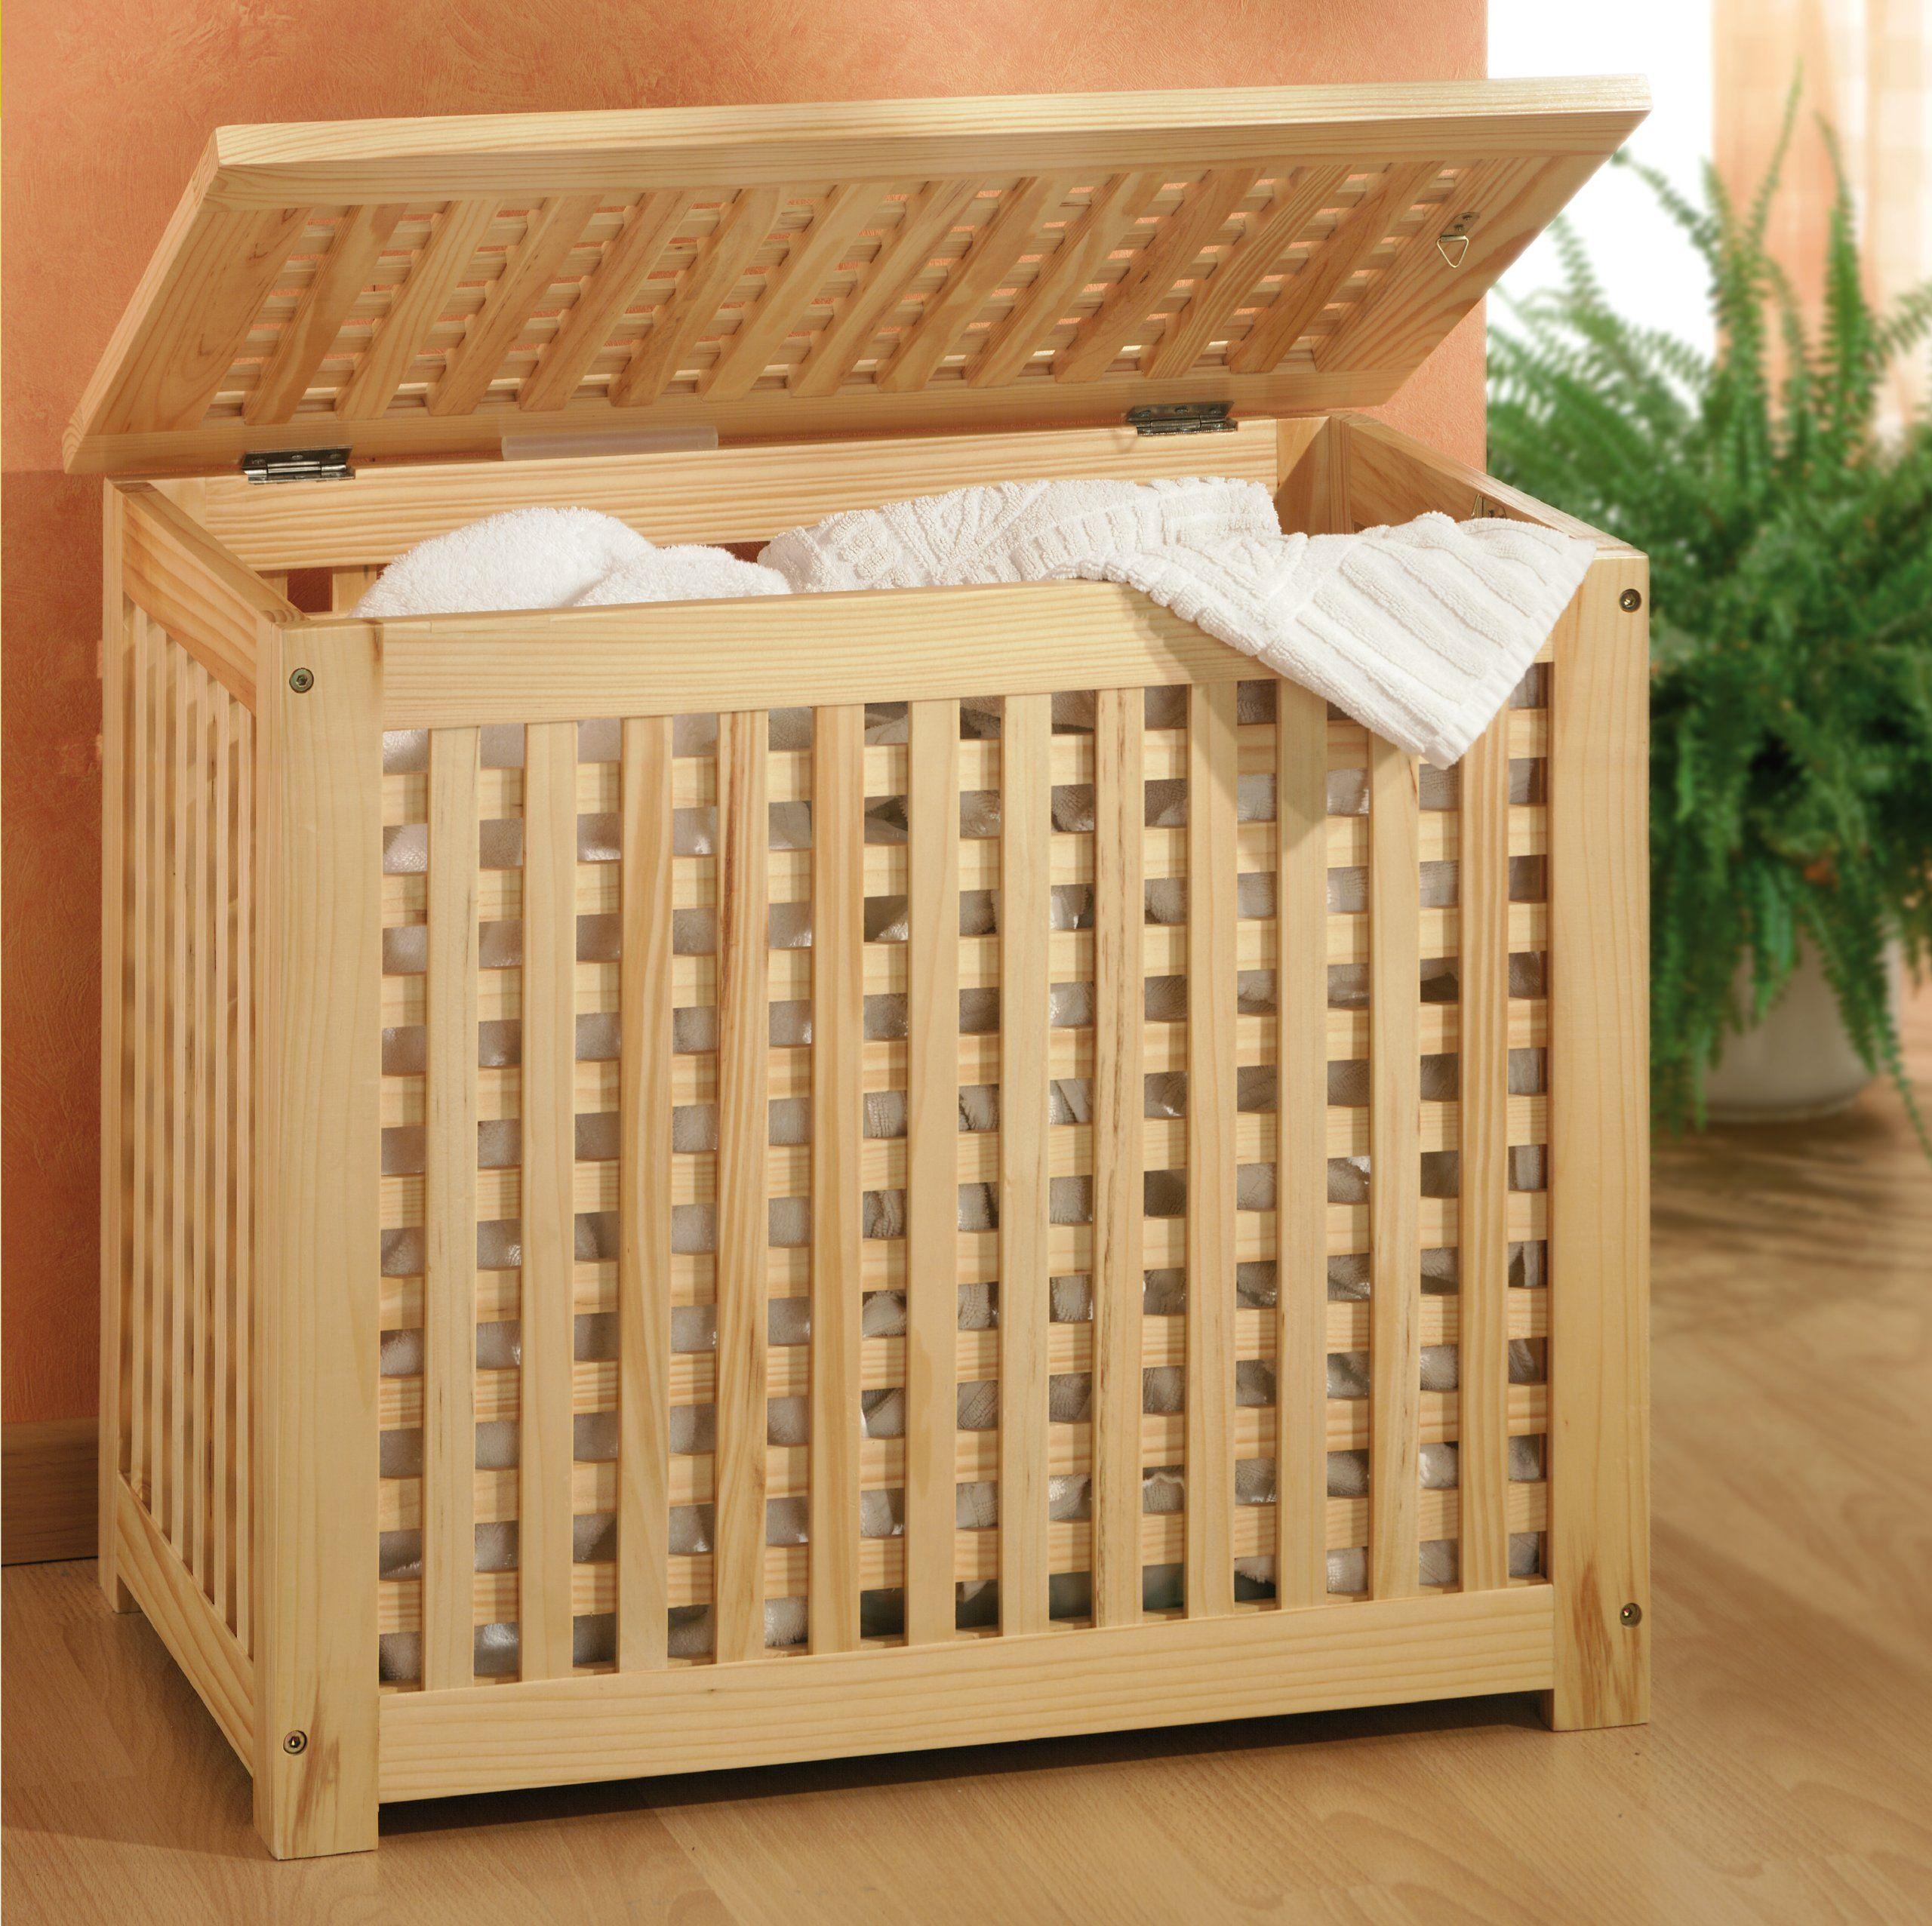 Schlafzimmer Waschetruhe Mit Leinensack Kiefernholz Amazon De Kuche Haushalt Waschetruhe Waschetonne Waschetruhe Holz